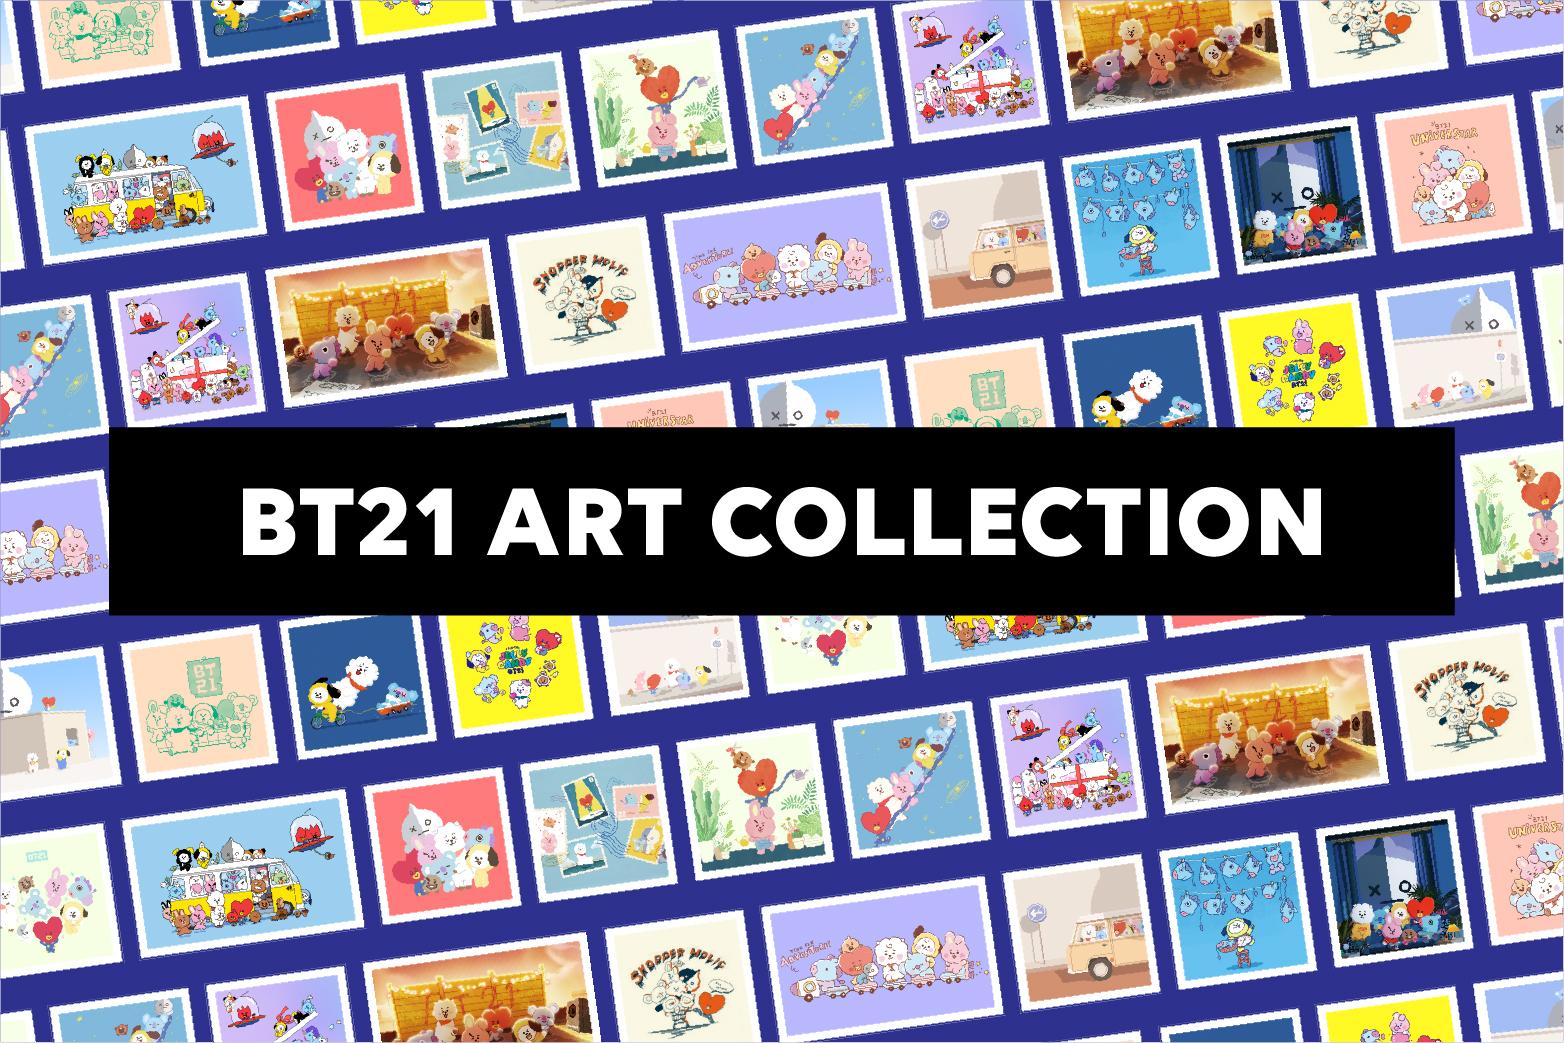 BT21 ART COLLECTION